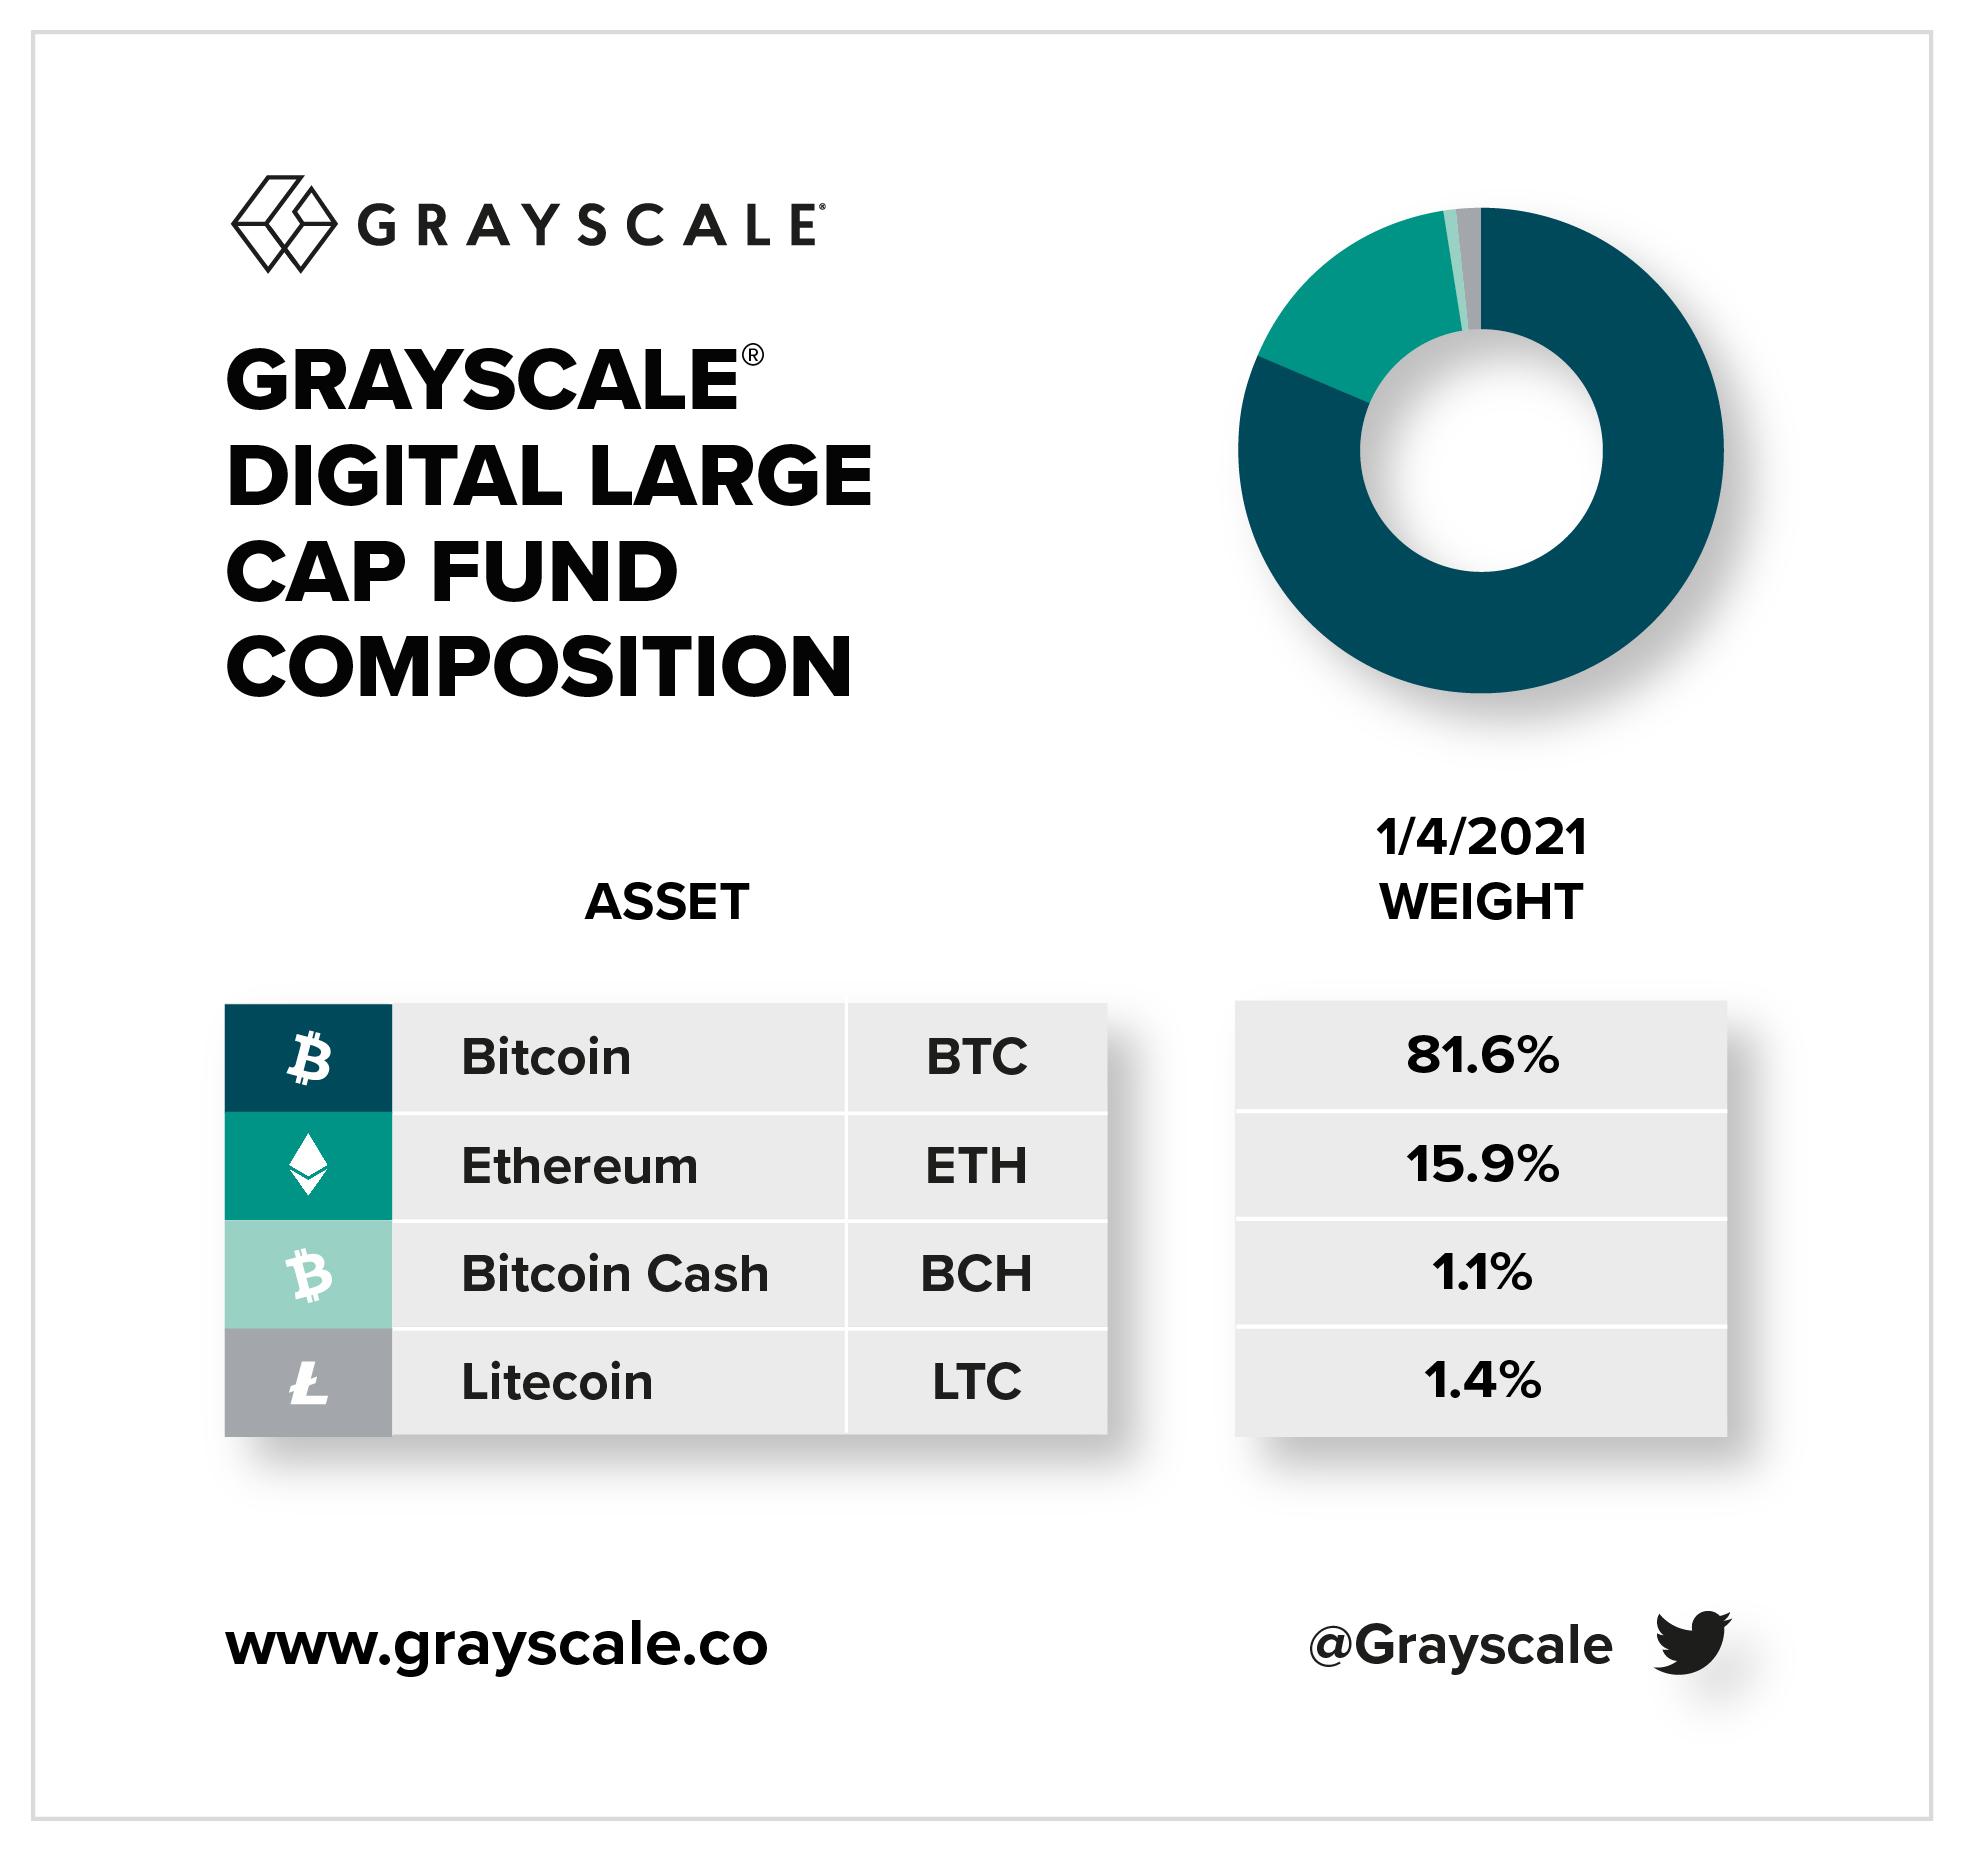 Под управлением фонда Grayscale находятся такие активы, как: Bitcoin(81.6%), Ethereum(15.9%), Bitcoin Cash(1.1%), Litecoin(1.4%).